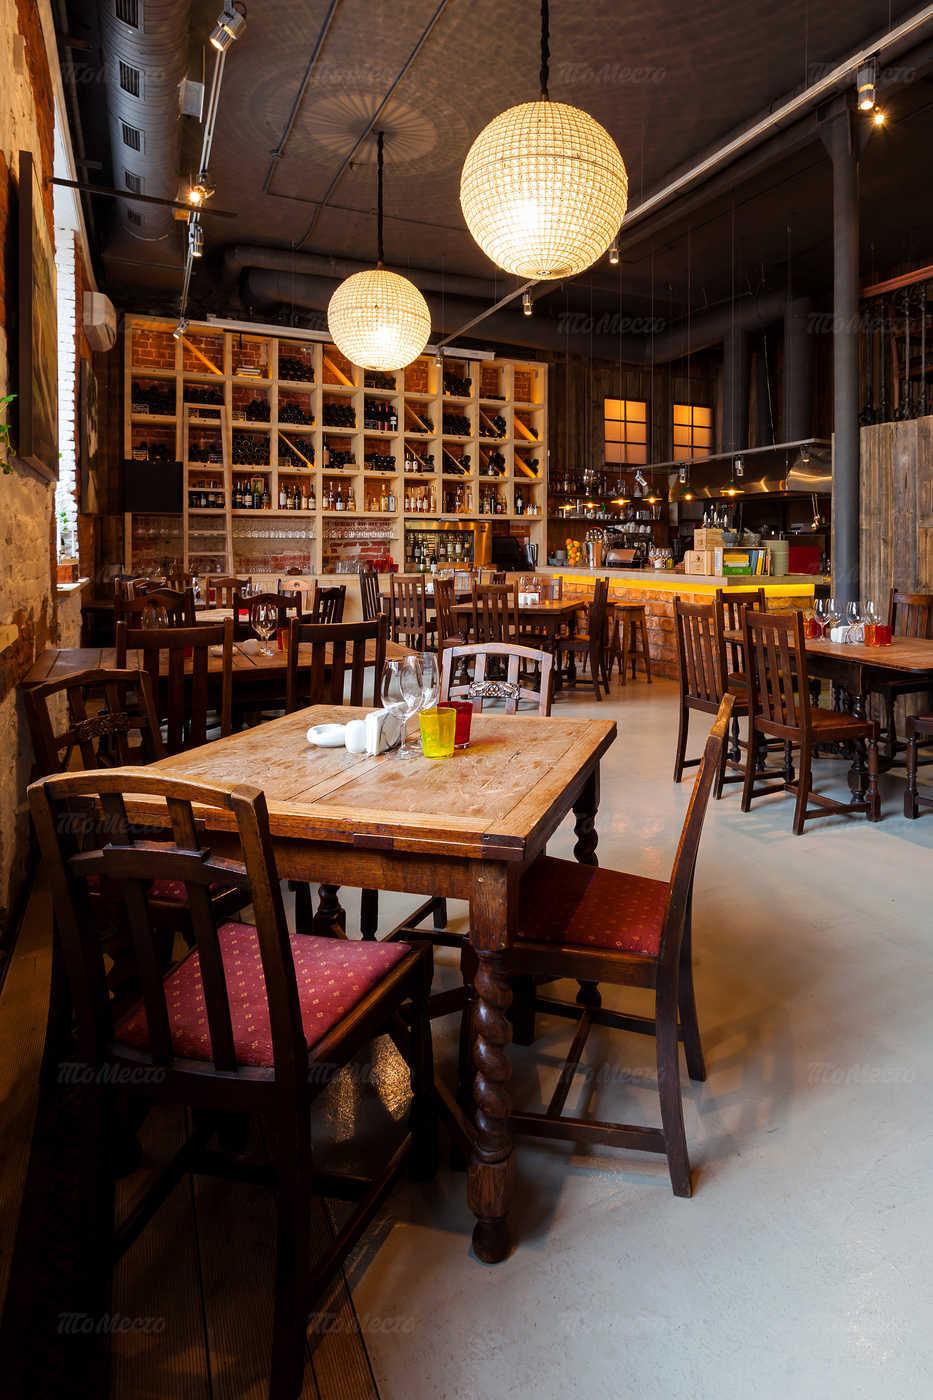 Меню ресторана Primitivo (Примитиво) на Болотной набережной